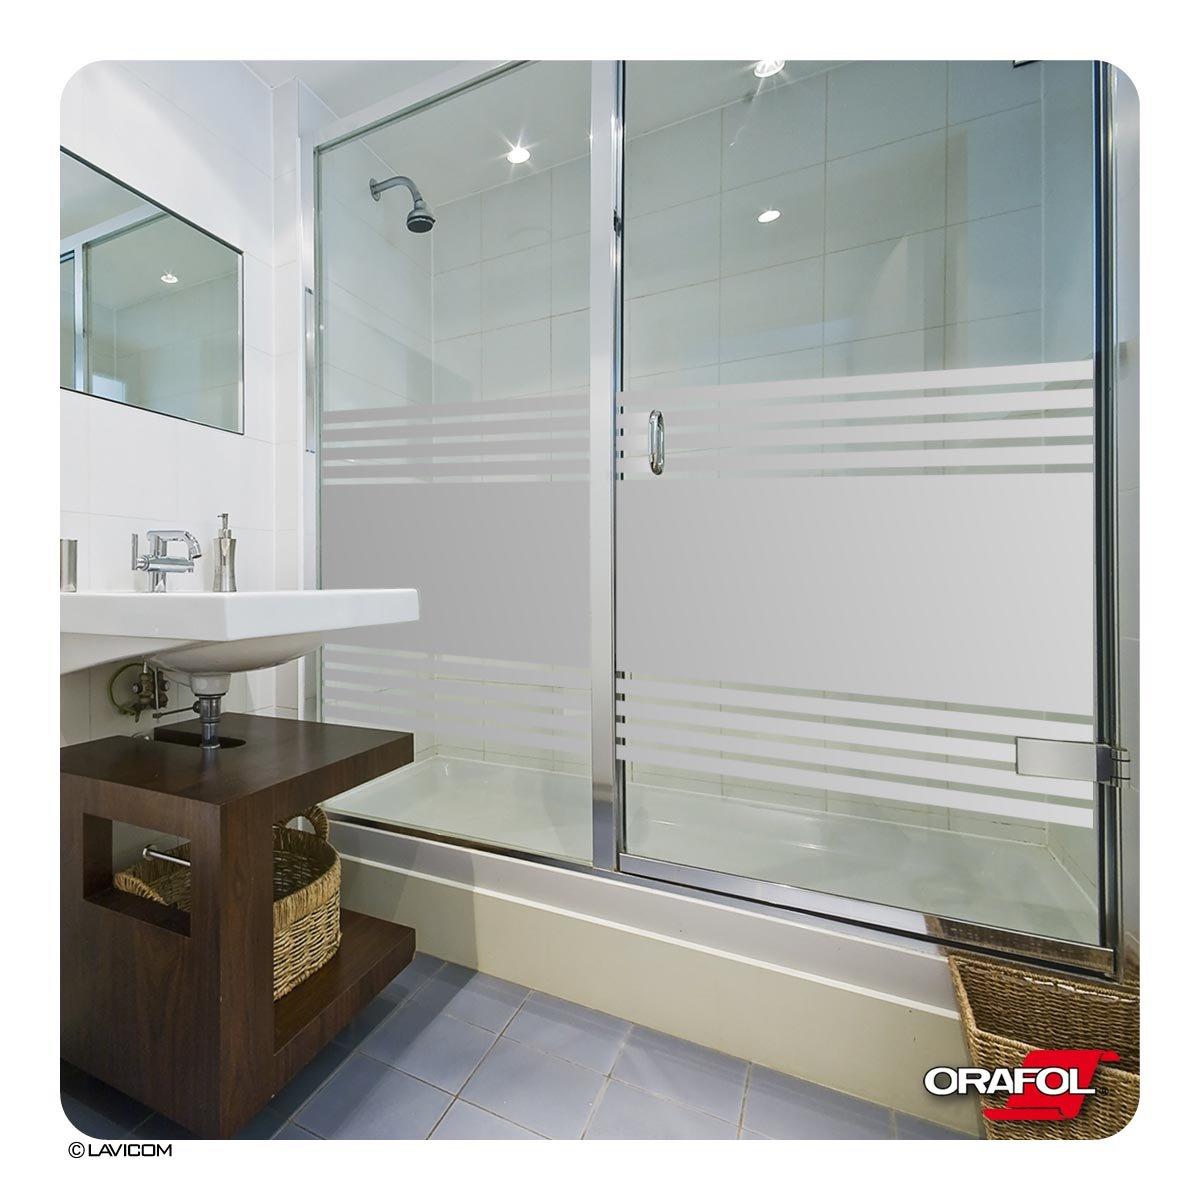 LAVICOM Sichtschutz Dusche Sauna Schwimmbad Duschkabine Bad ...